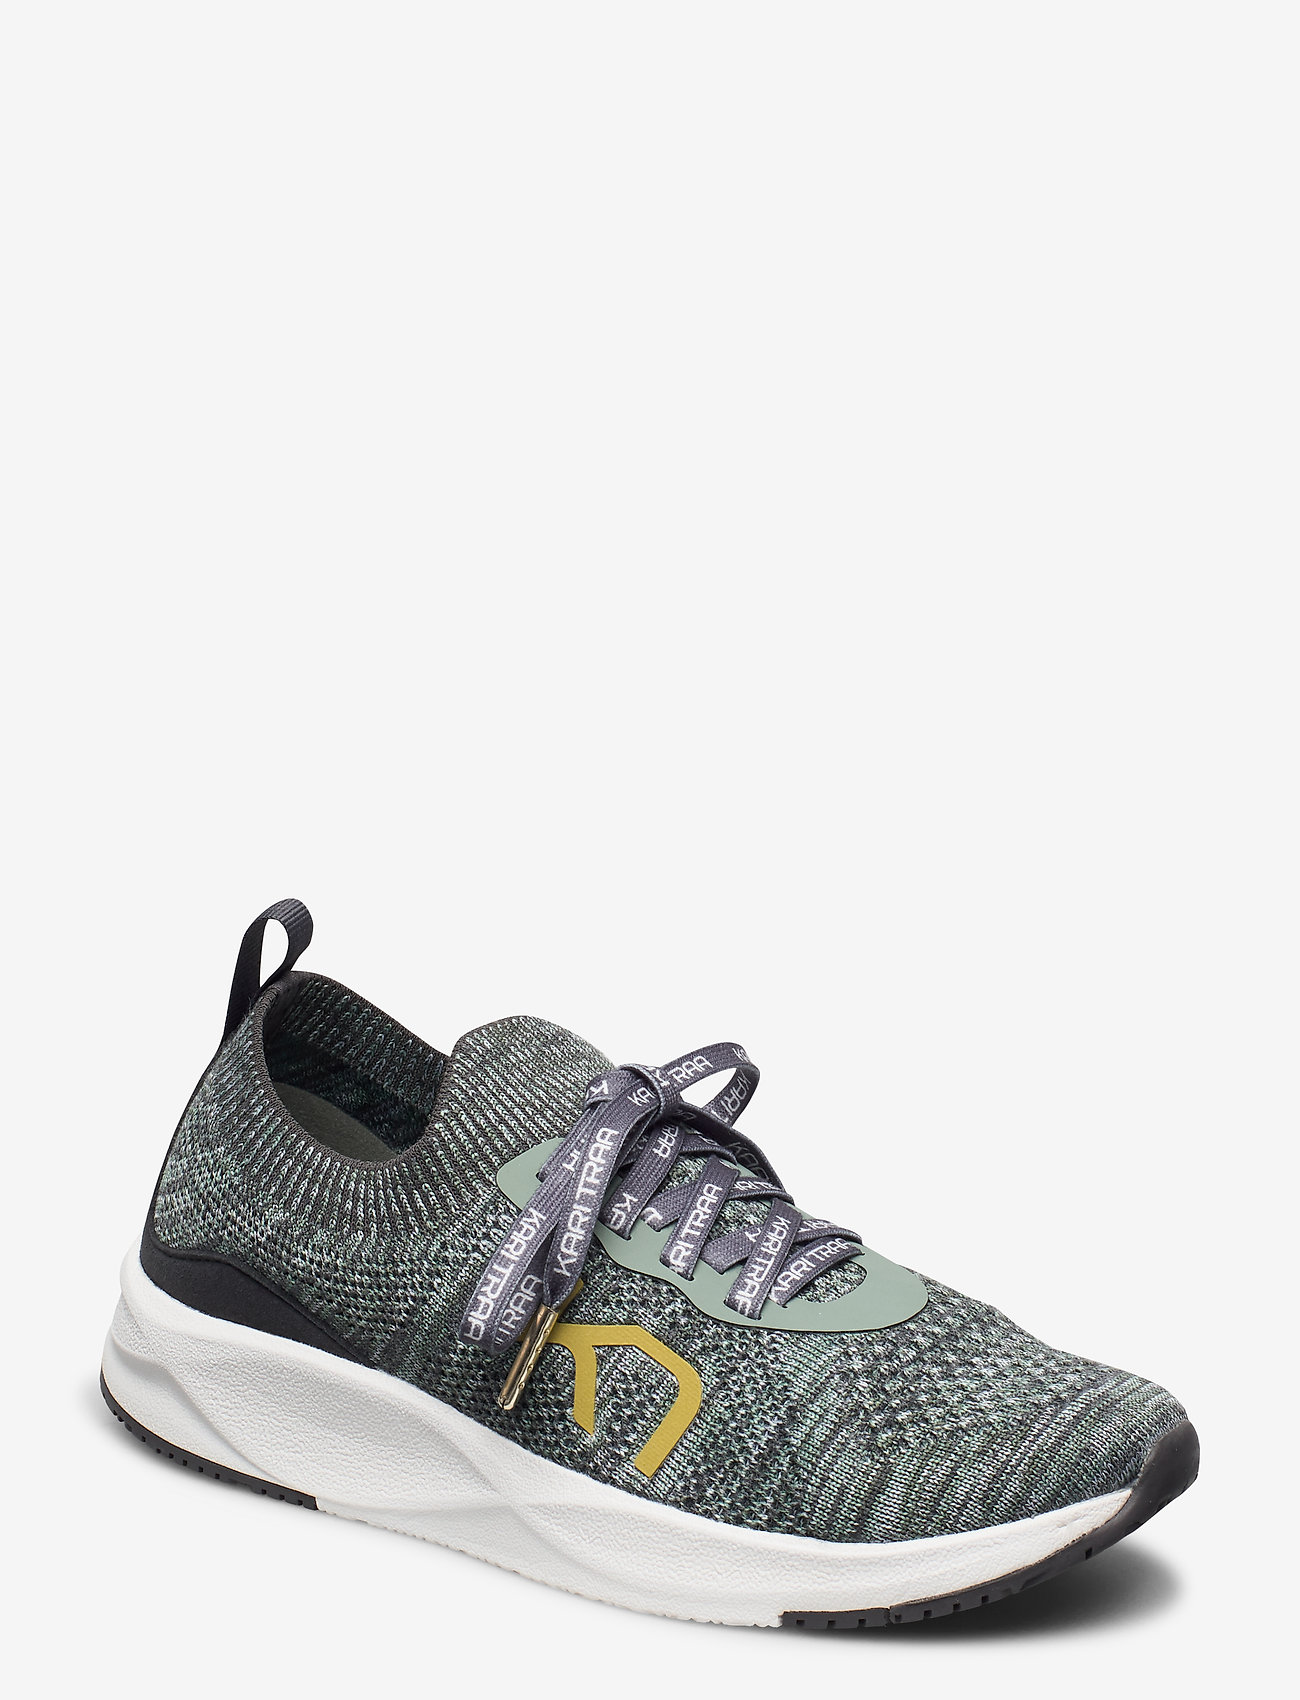 Kari Traa - BYKS - low top sneakers - thyme - 0